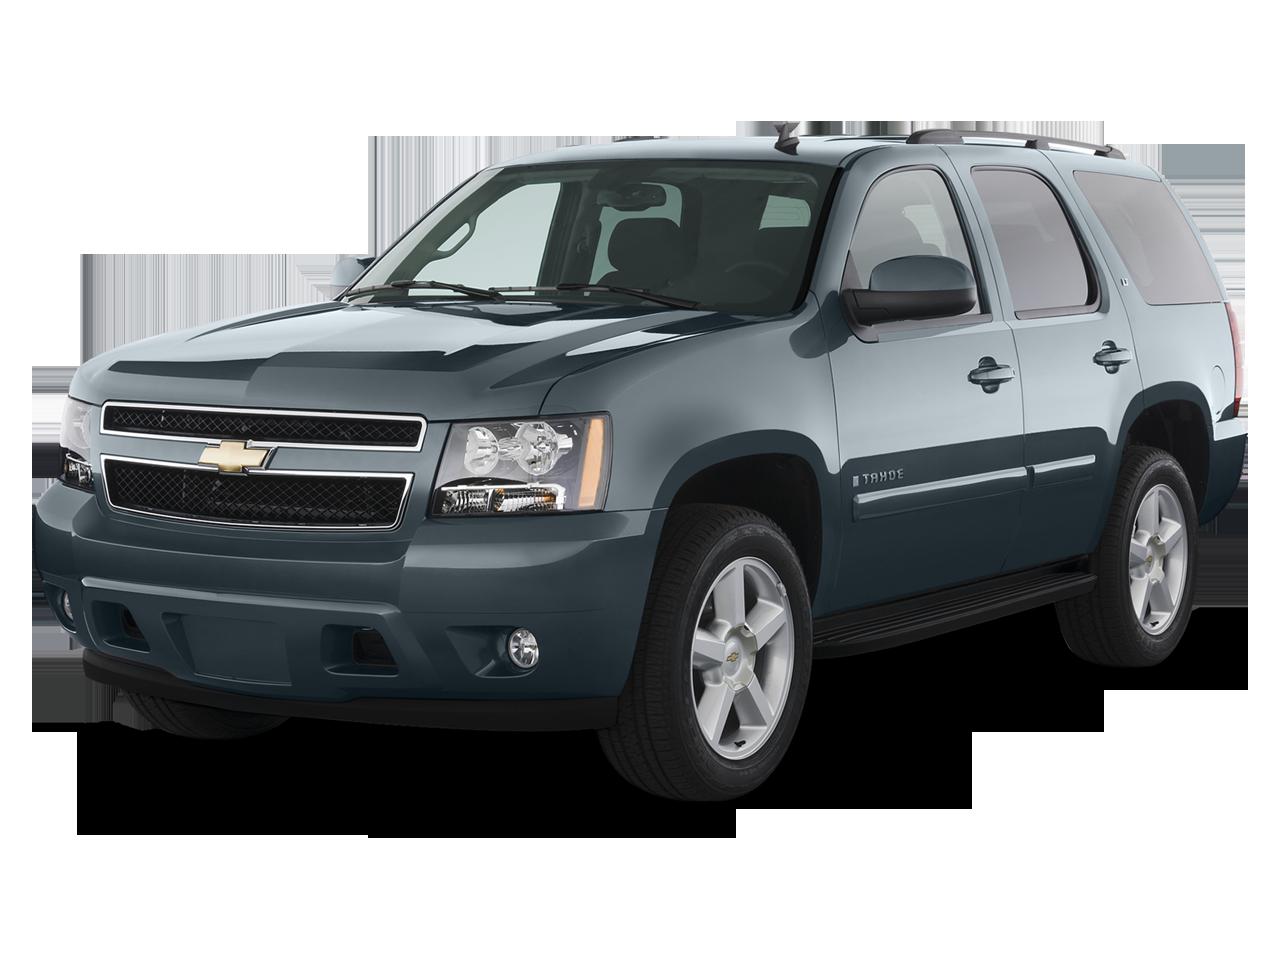 تاهو 2013 قصير اللون فيراني Chevrolet Tahoe   المرسال